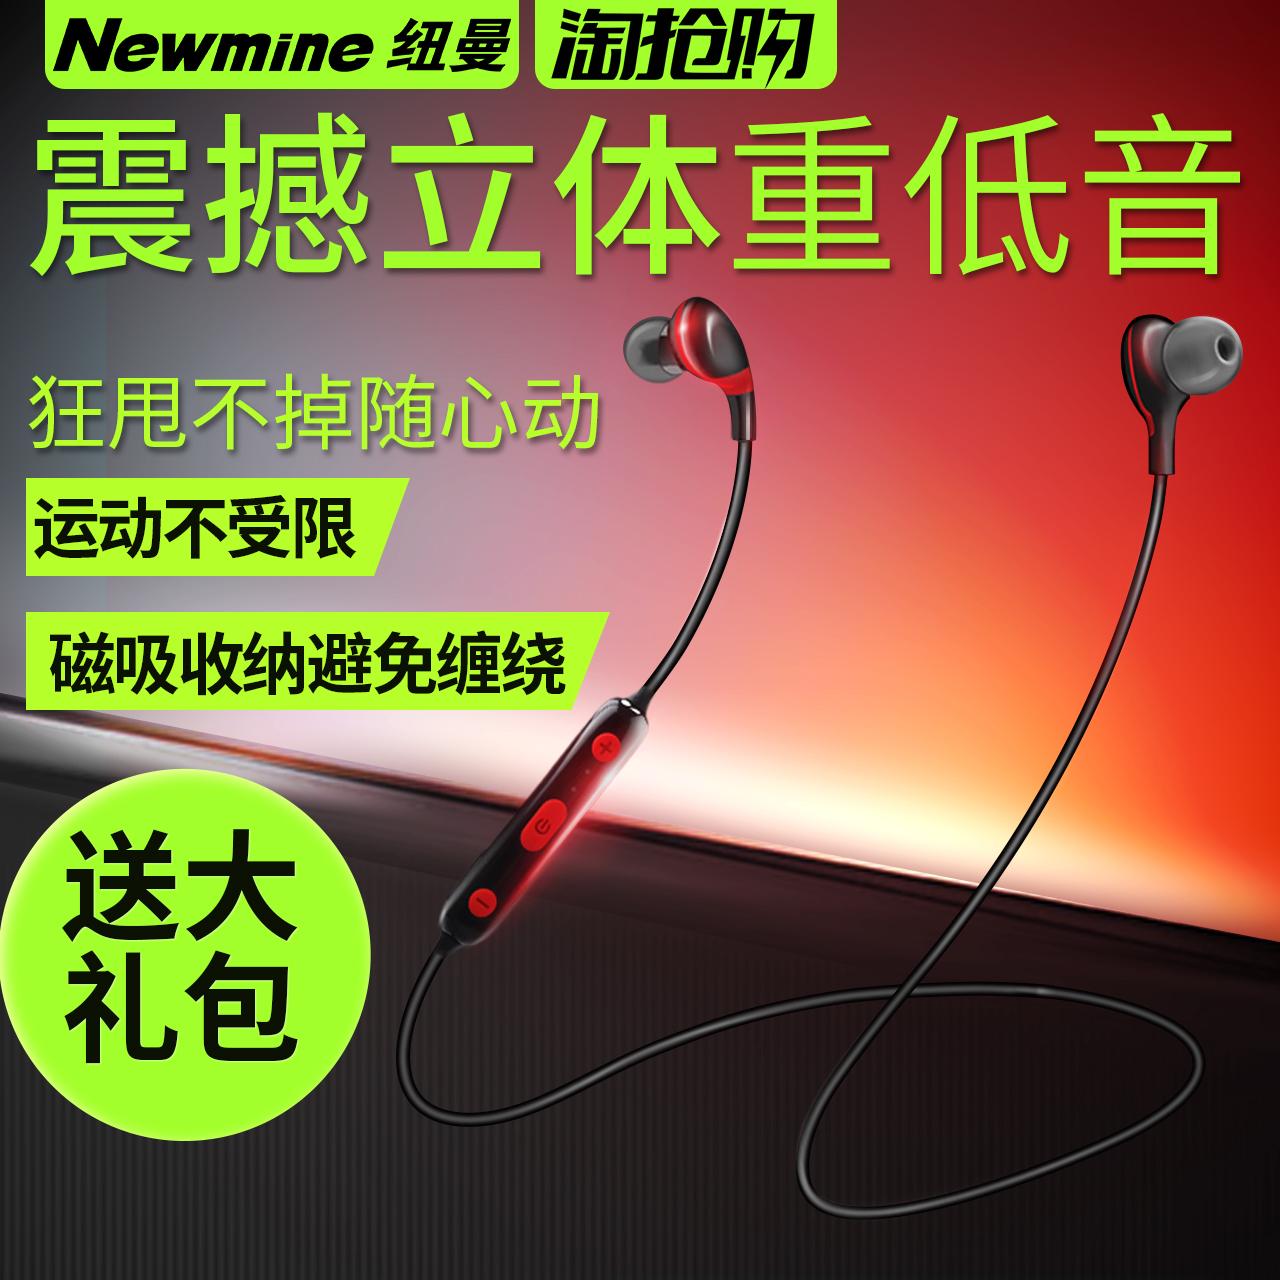 ?纽曼SL83蓝牙耳机耳塞入耳式运动型双耳健身跑步脑后式无线耳机头戴式Vivo苹果Oppo手机通用可接听电话音乐